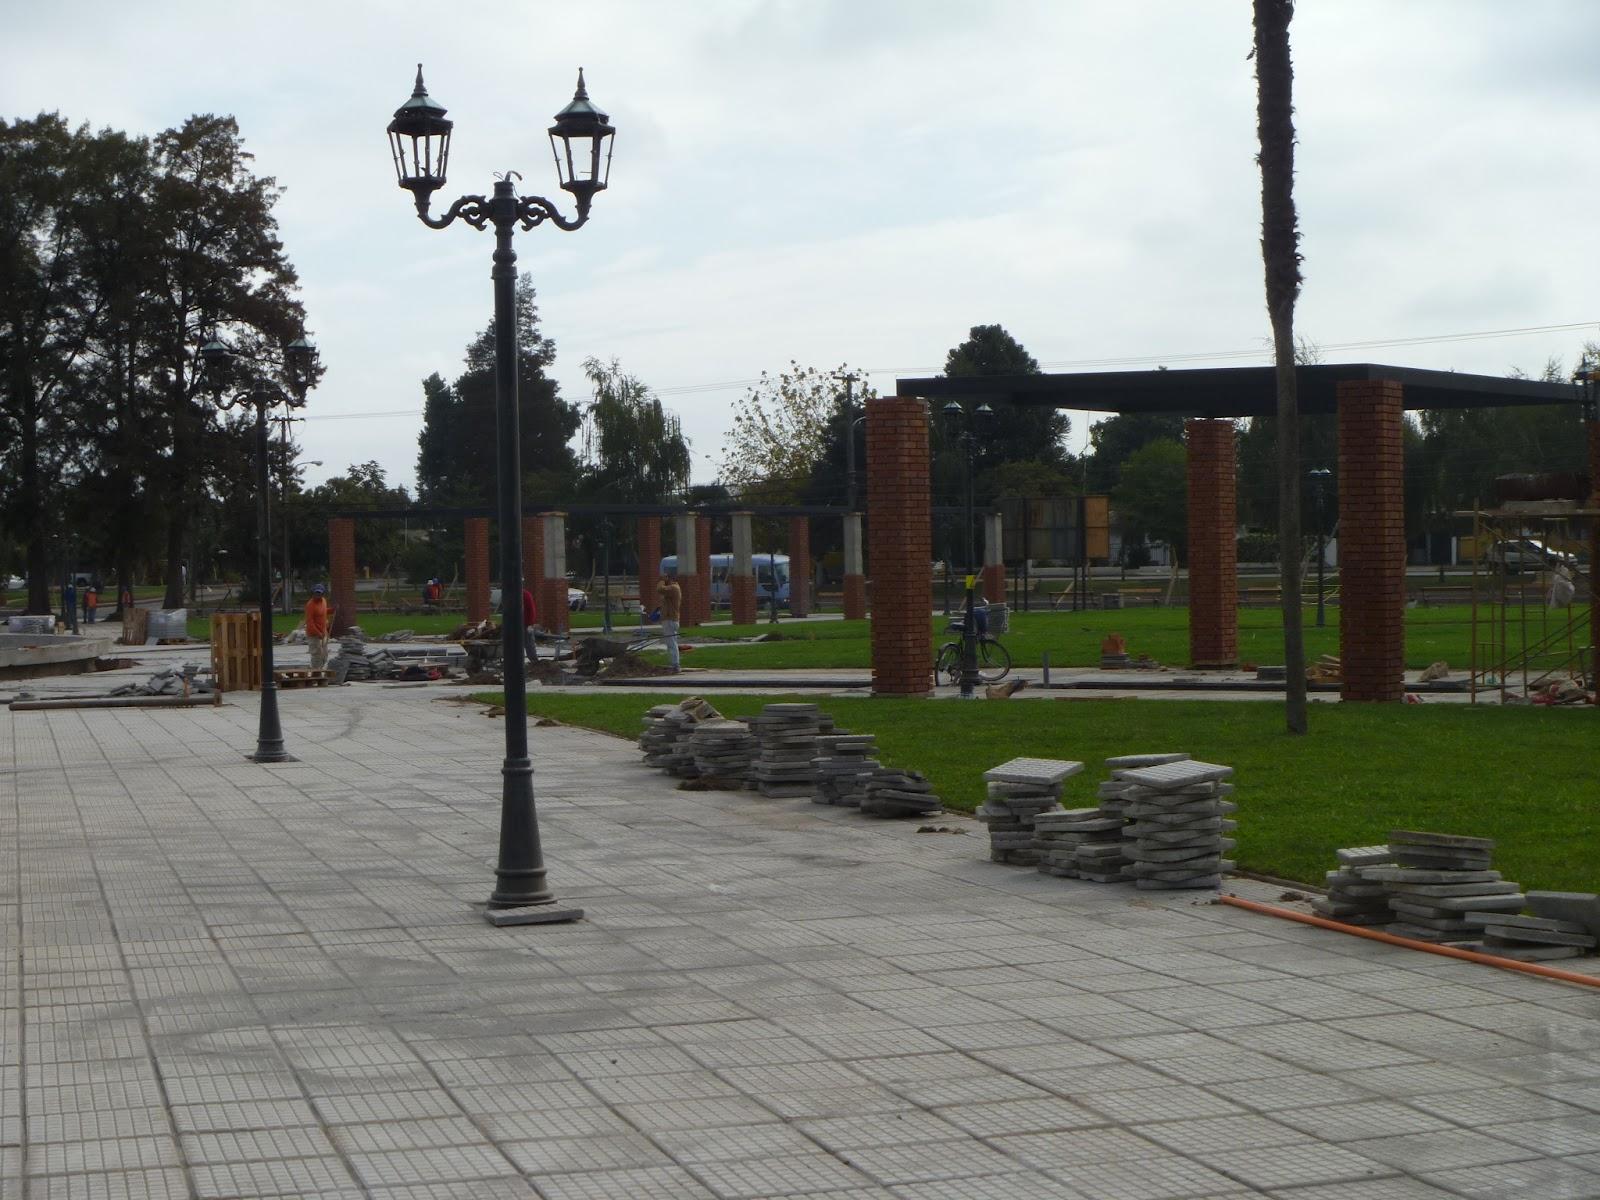 Plaza T Hugo Eckener Ring